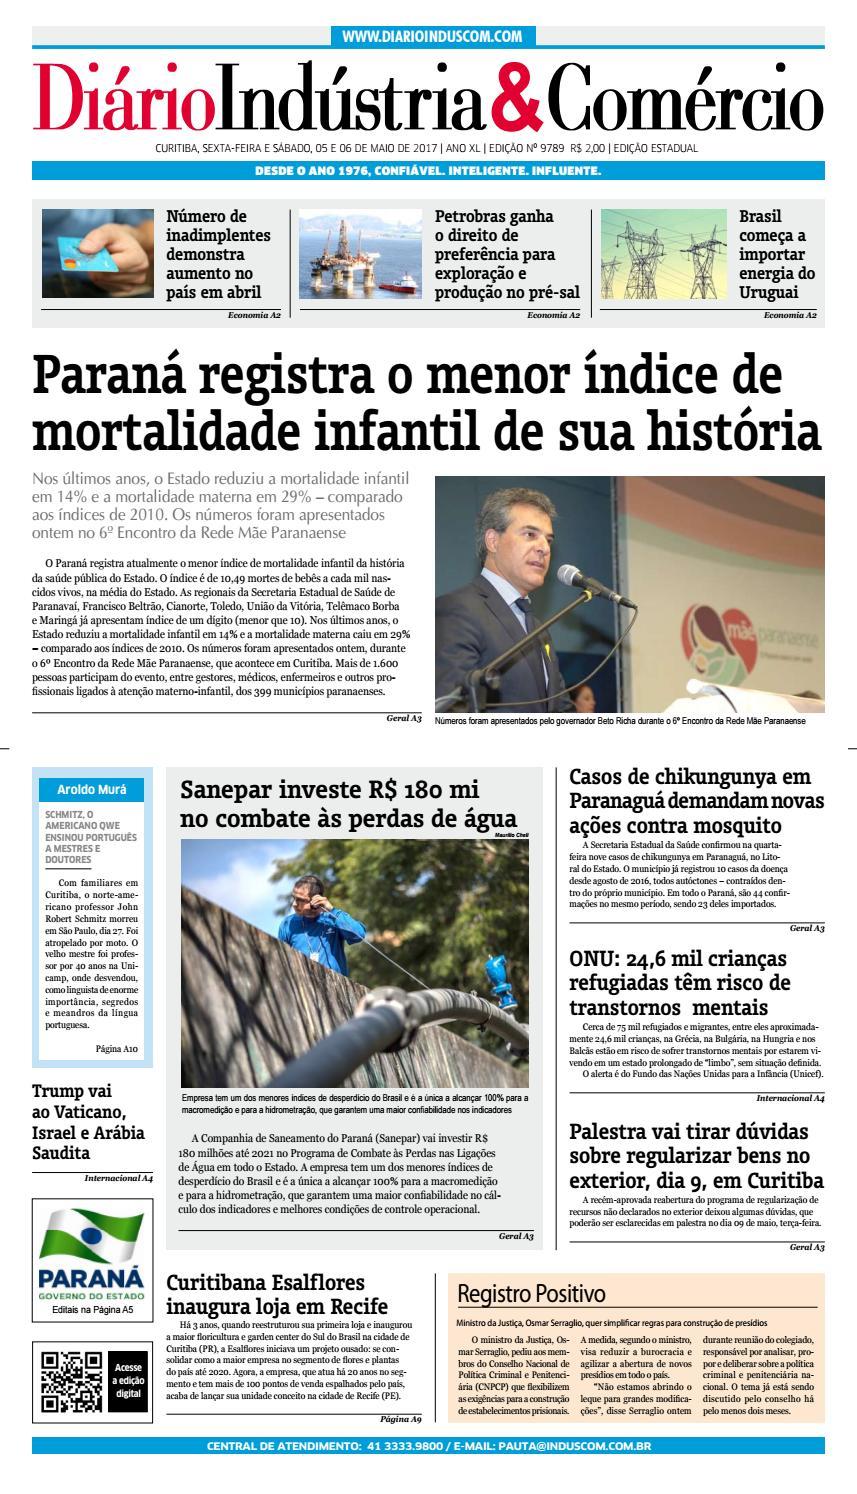 Diário Indústria Comércio - 05 de maio de 2017 by Diário Indústria    Comércio - issuu 4094030ff1a3a